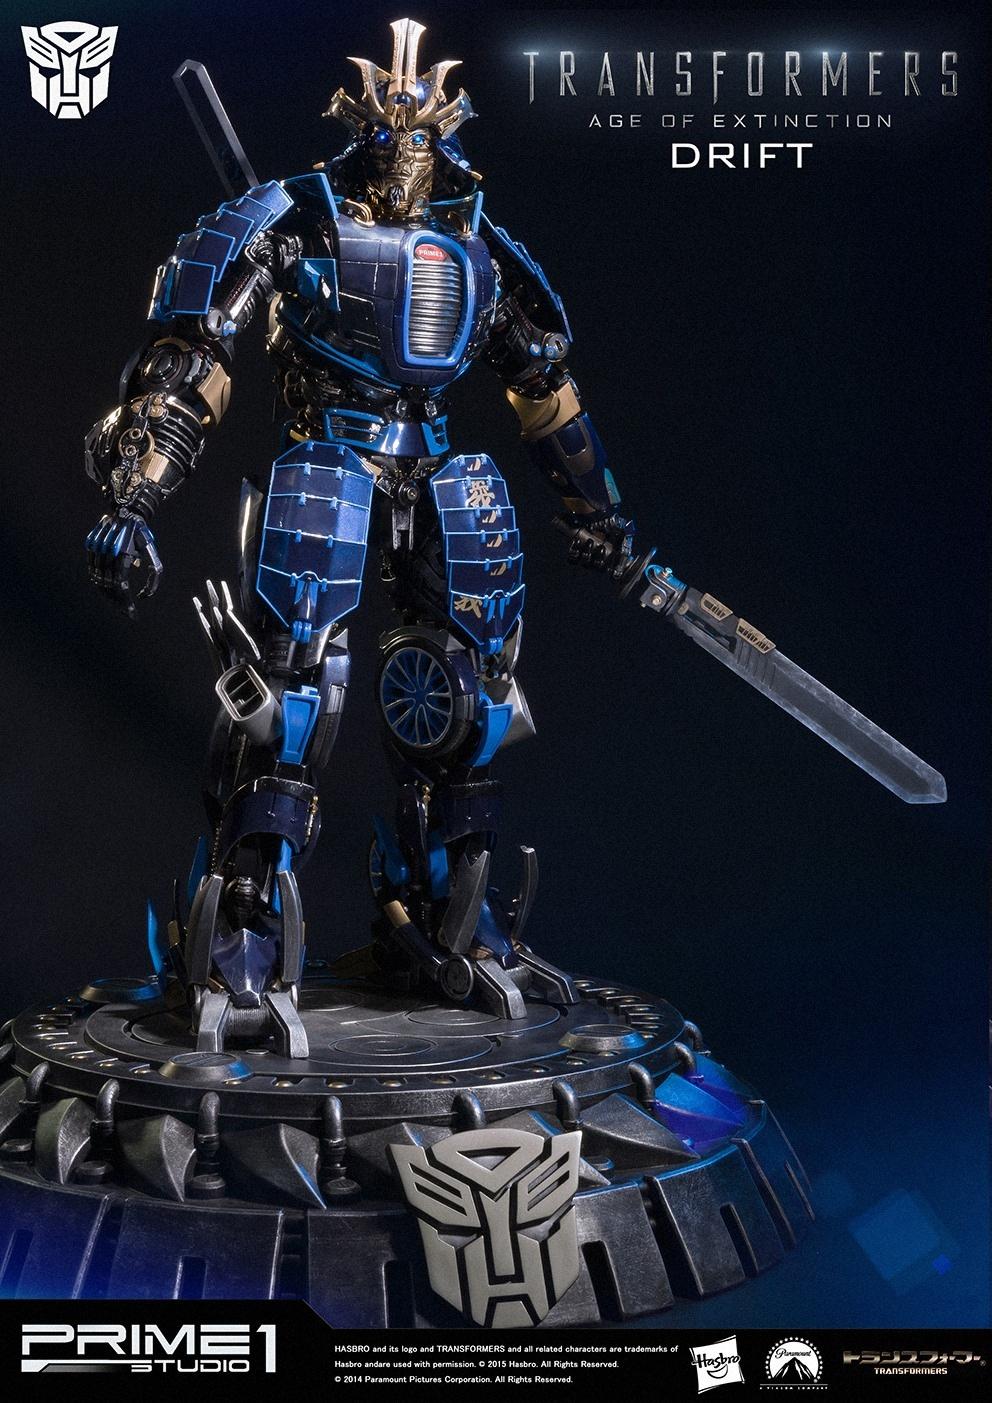 Statues des Films Transformers (articulé, non transformable) ― Par Prime1Studio, M3 Studio, Concept Zone, Super Fans Group, Soap Studio, Soldier Story Toys, etc - Page 3 668664image1423753813